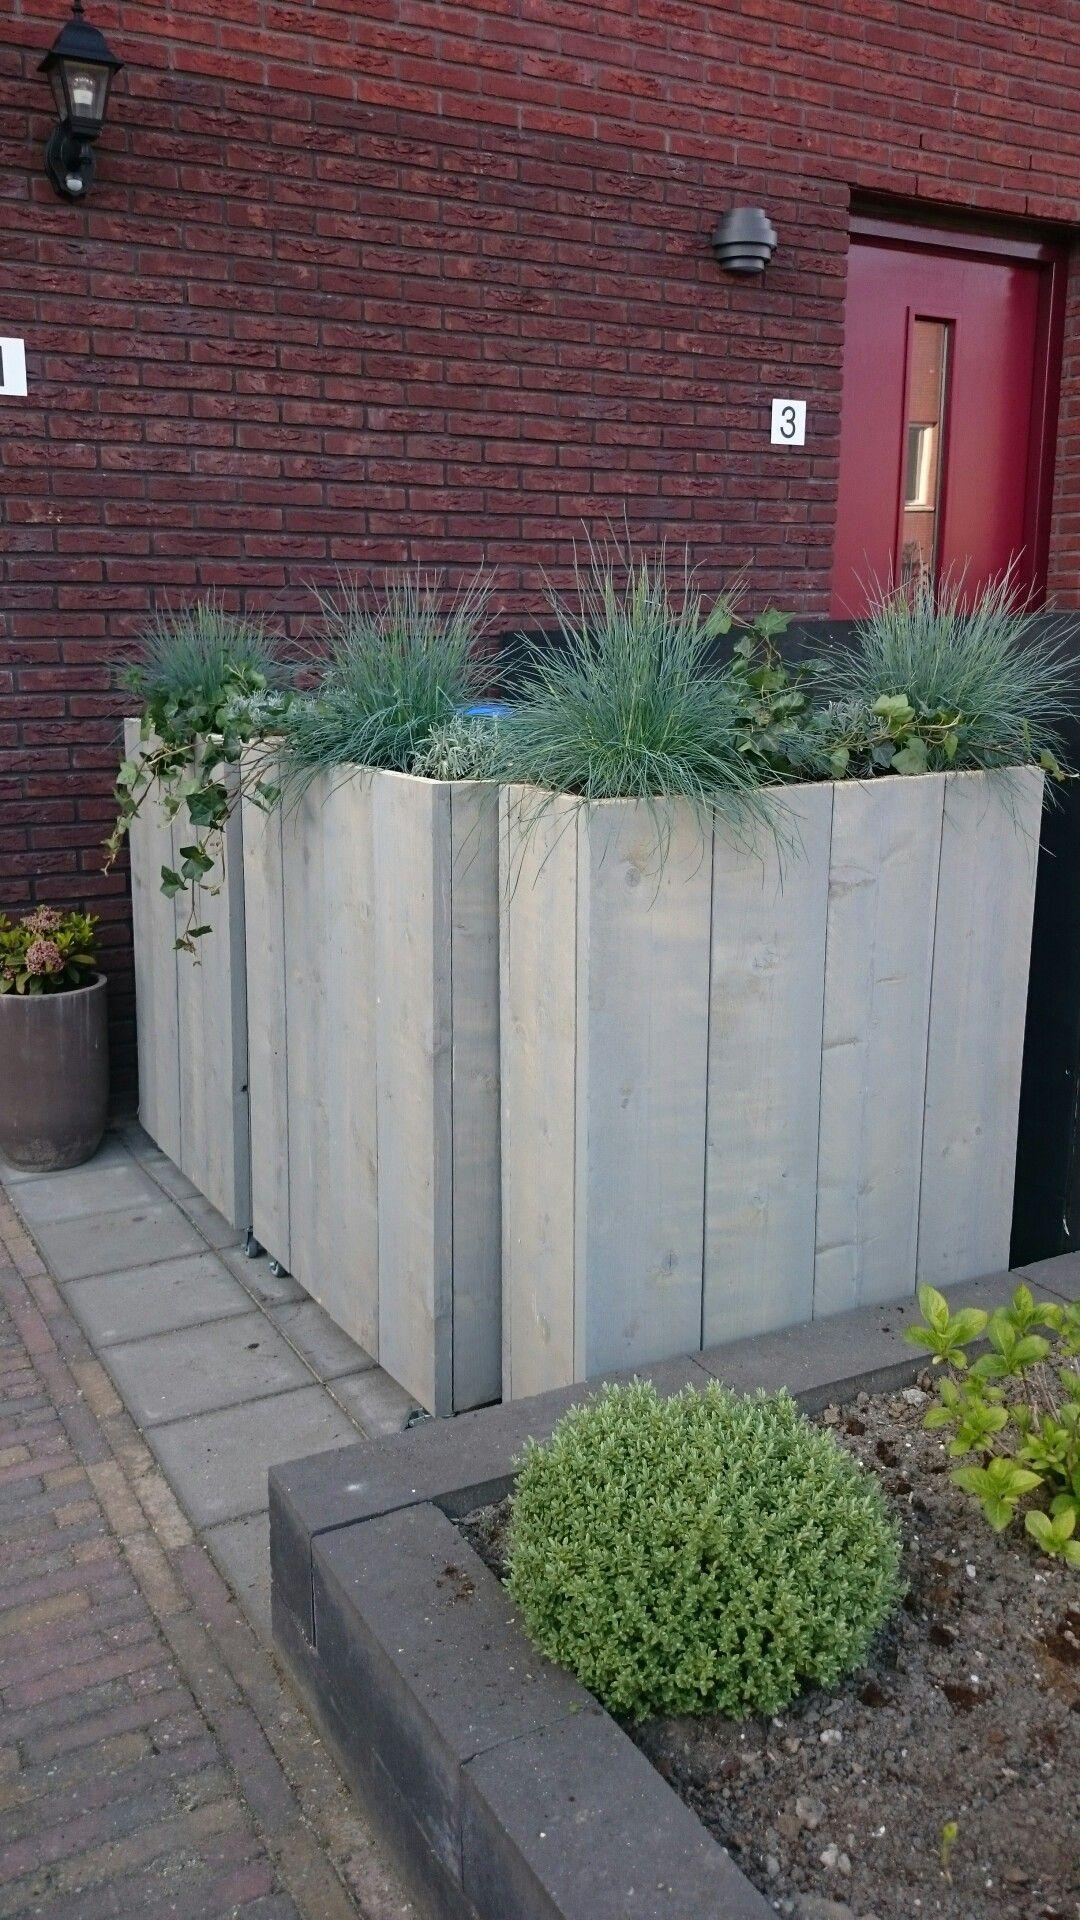 Verrijdbare Plantenbakken Voor Buiten.Hoge Verrijdbare Plantenbakken Als Afscheiding Voor De Containers